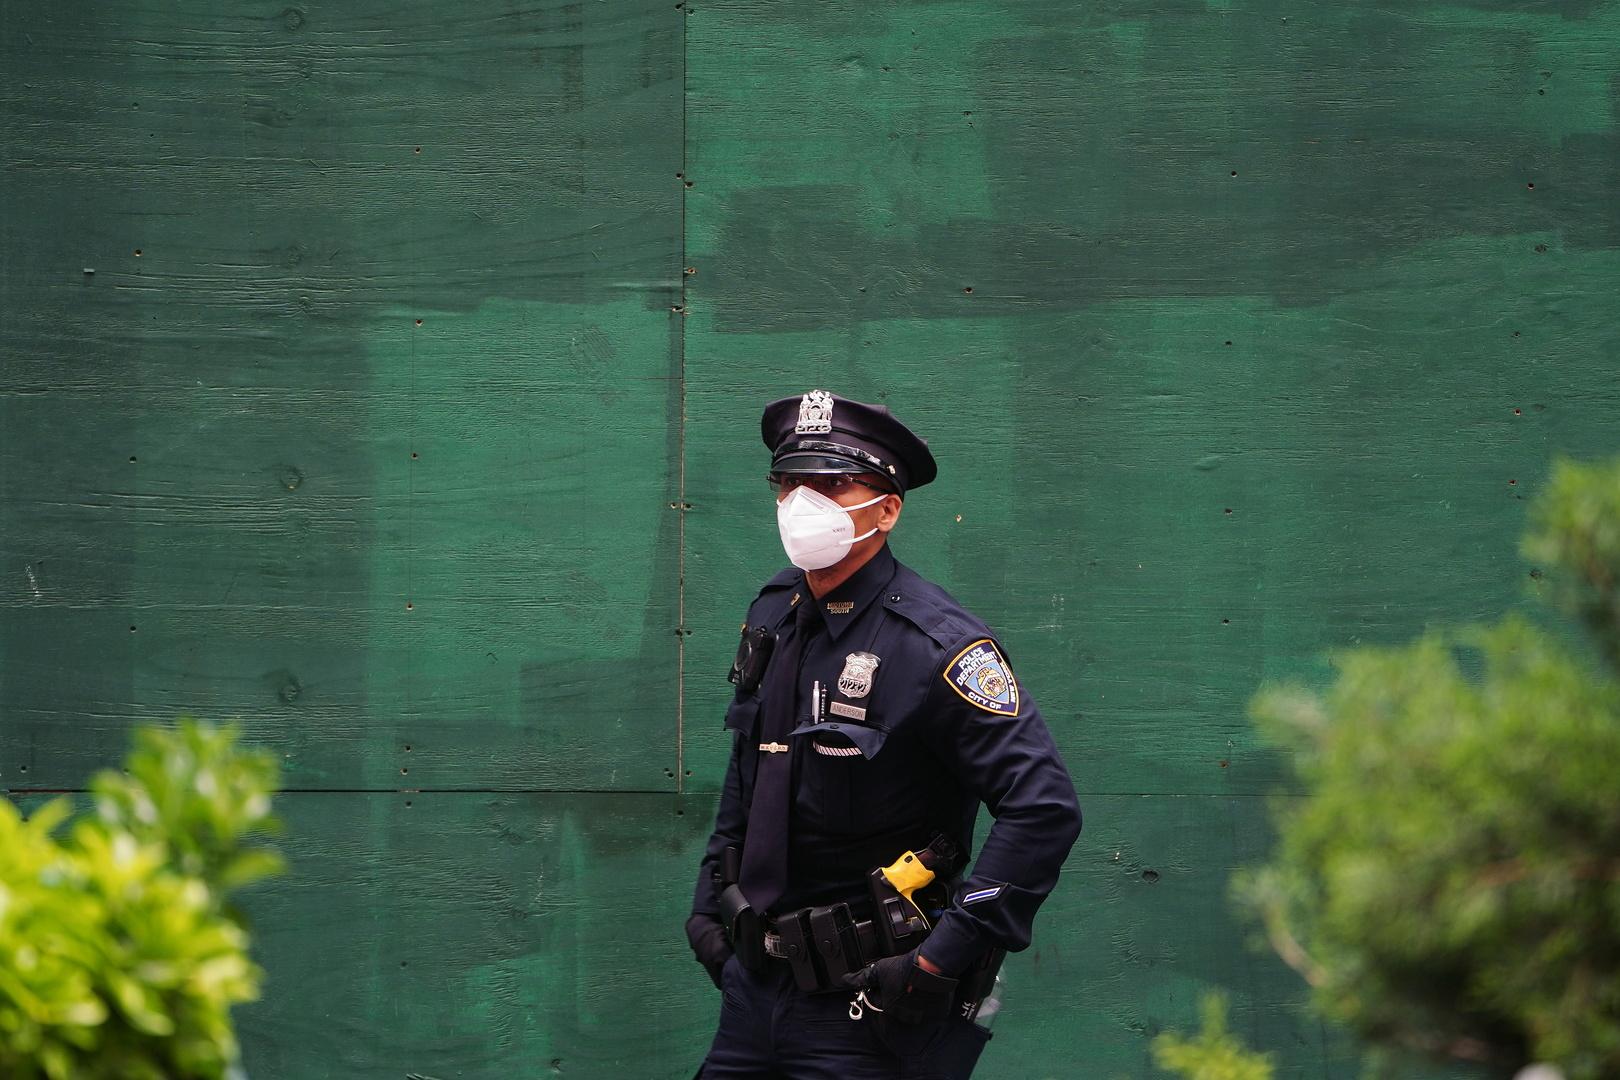 الولايات المتحدة.. إلزام عناصر الشرطة بوضع كاميرات خلال تنفيذ اعتقالات